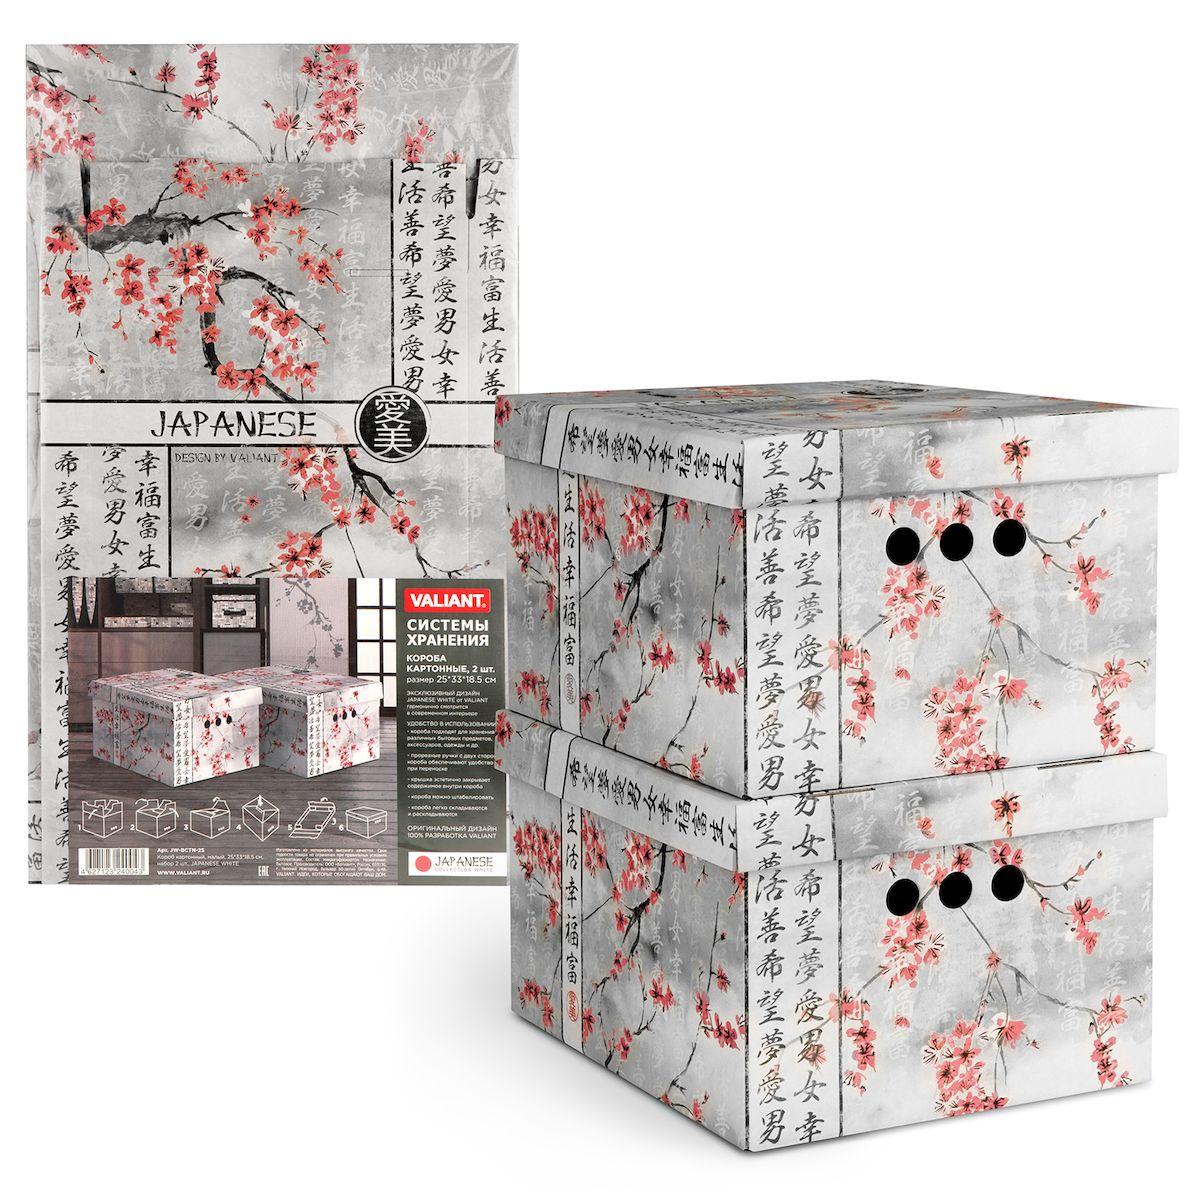 Короб для хранения Valiant Japanese White, складной, 25 х 33 х 18,5 см, 2 штJW-BCTN-2SКороб для хранения Valiant Japanese White изготовлен из картона. Изделие легко и быстро складывается. Оснащен крышкой и тремя отверстиями, которые позволяют удобно его выдвигать. Такой короб прекрасно подойдет для хранения бытовых мелочей, аксессуаров для рукоделия и других мелких предметов. С ним все мелкие вещи будут храниться аккуратно и не потеряются. Размер изделия (в собранном виде): 25 х 33 х 18,5 см.